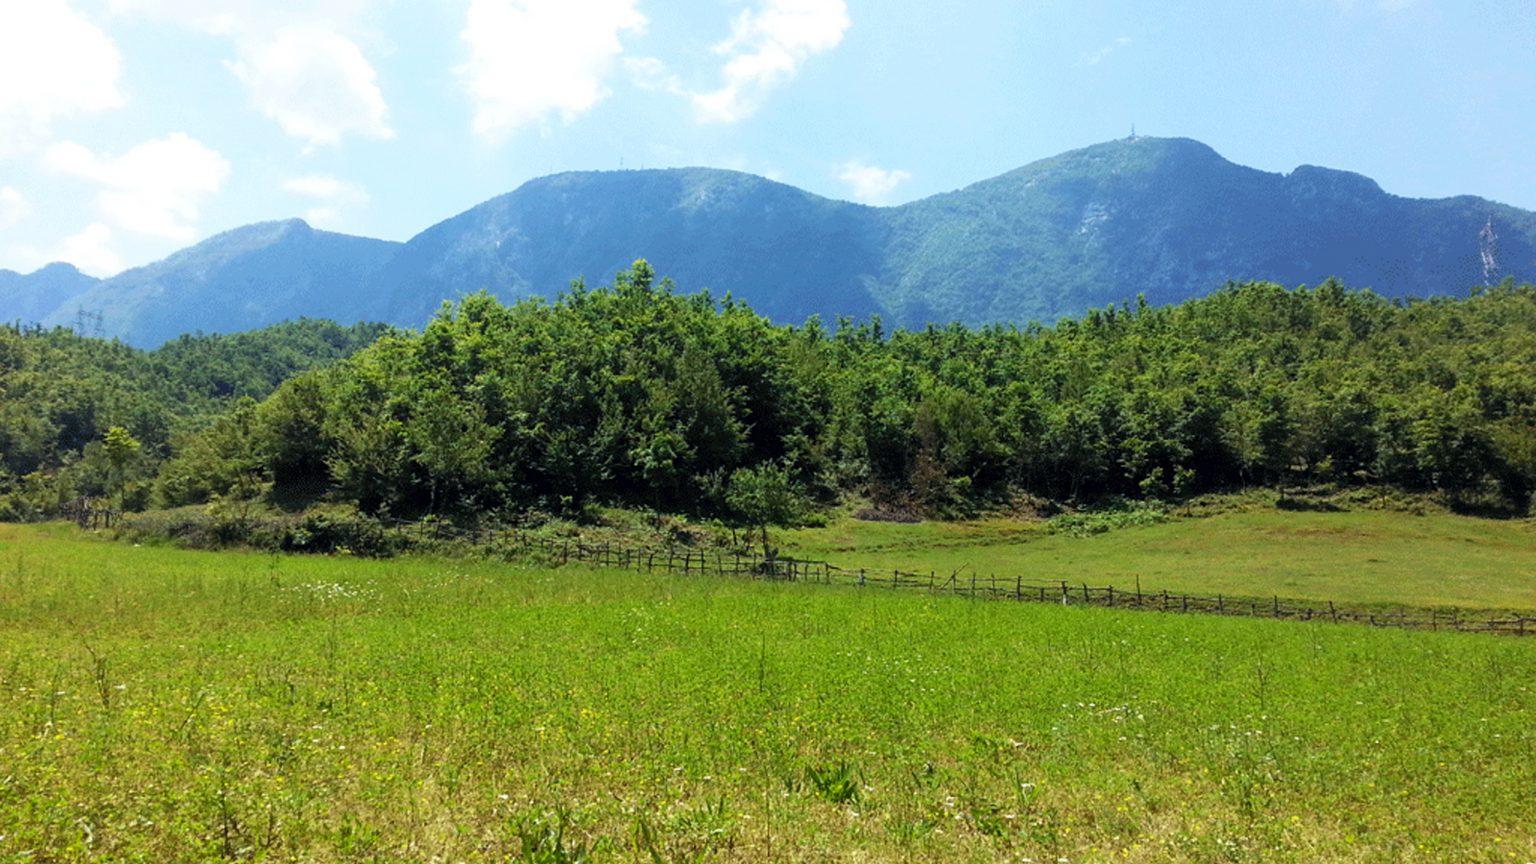 Dajti Mountain, Tirana, Source: Reporter.al